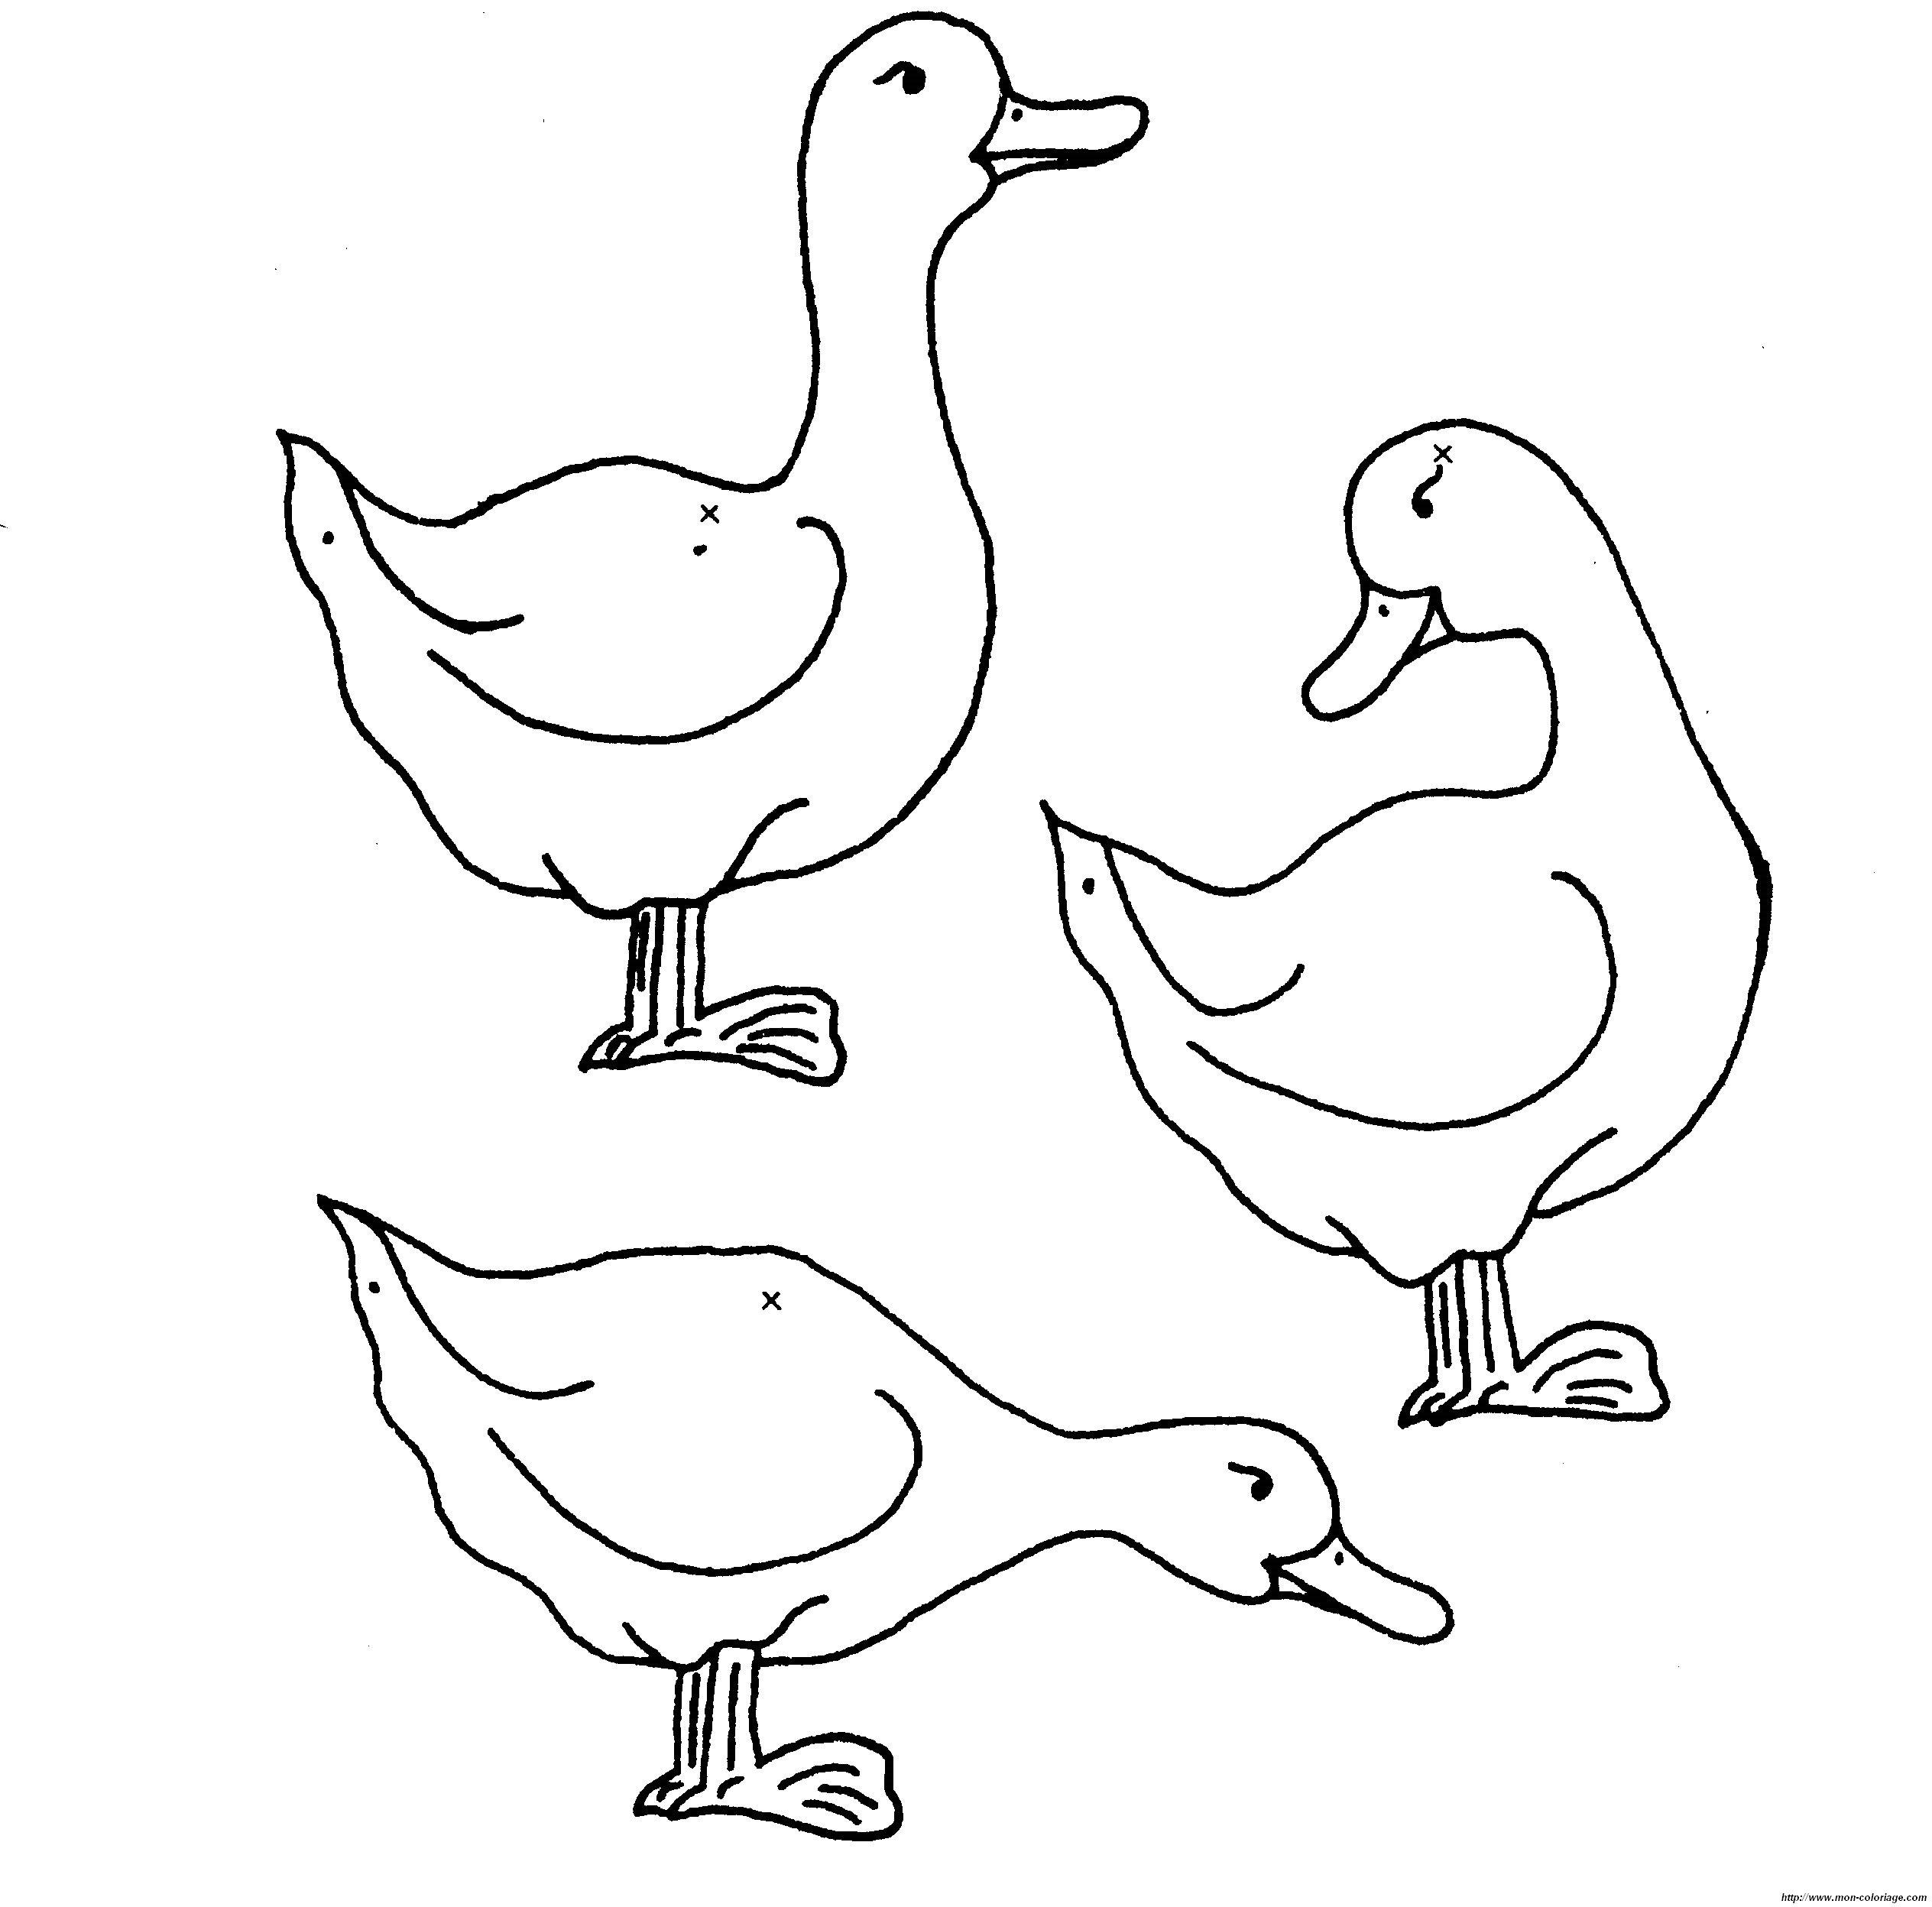 Ziemlich Malvorlage Ente Ideen - Malvorlagen Von Tieren - ngadi.info